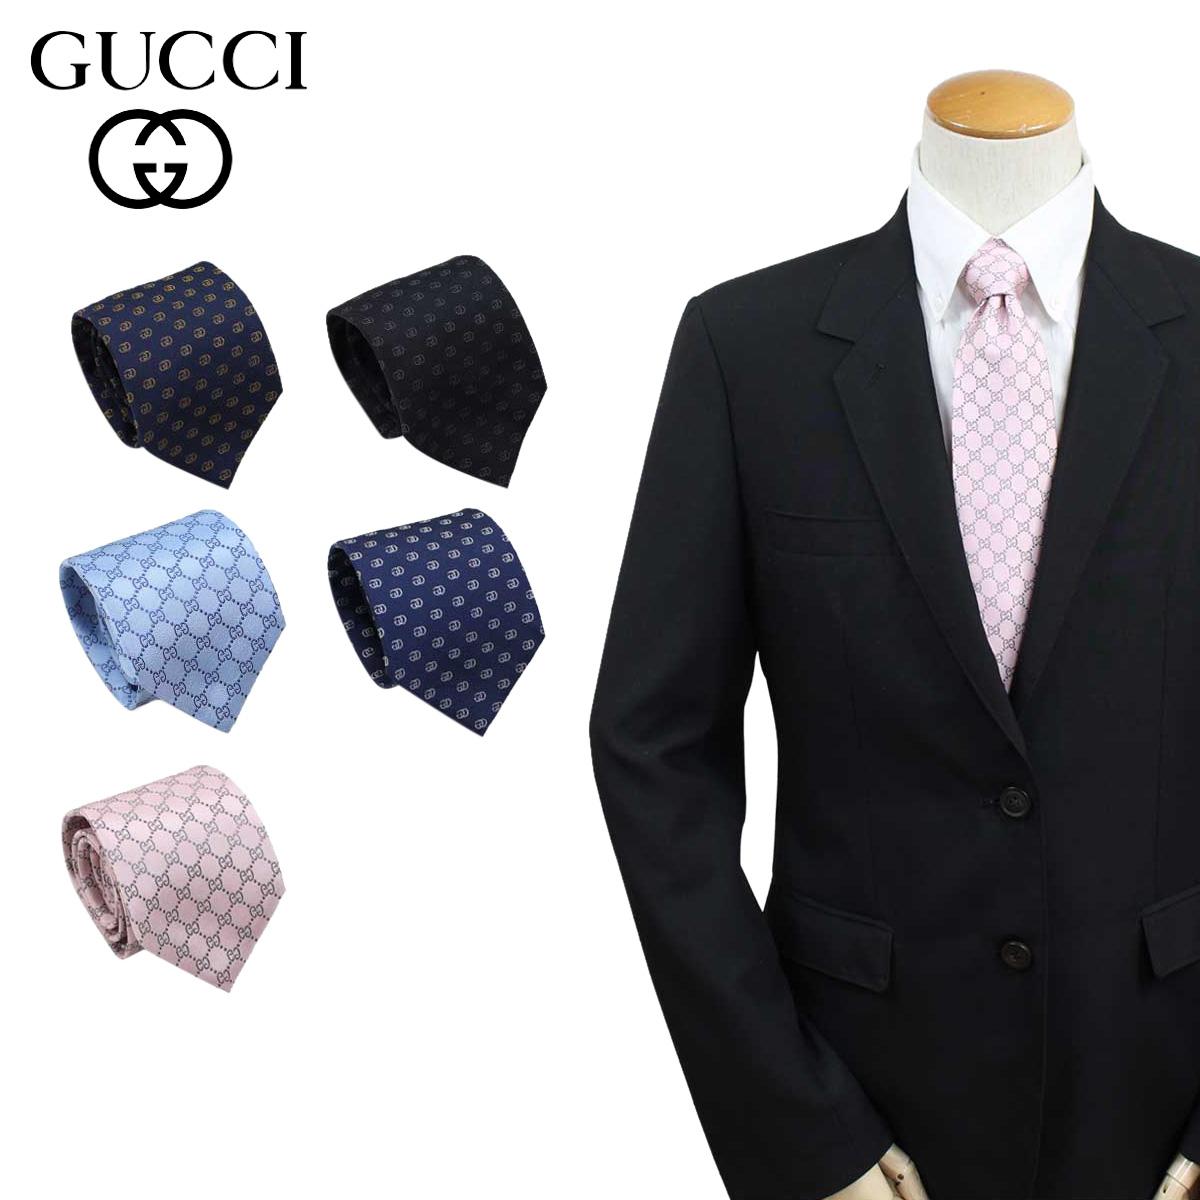 90d402d02d20 ビジネス シルク イタリア製 ネクタイ GUCCI グッチ 結婚式 メンズ TIE ...